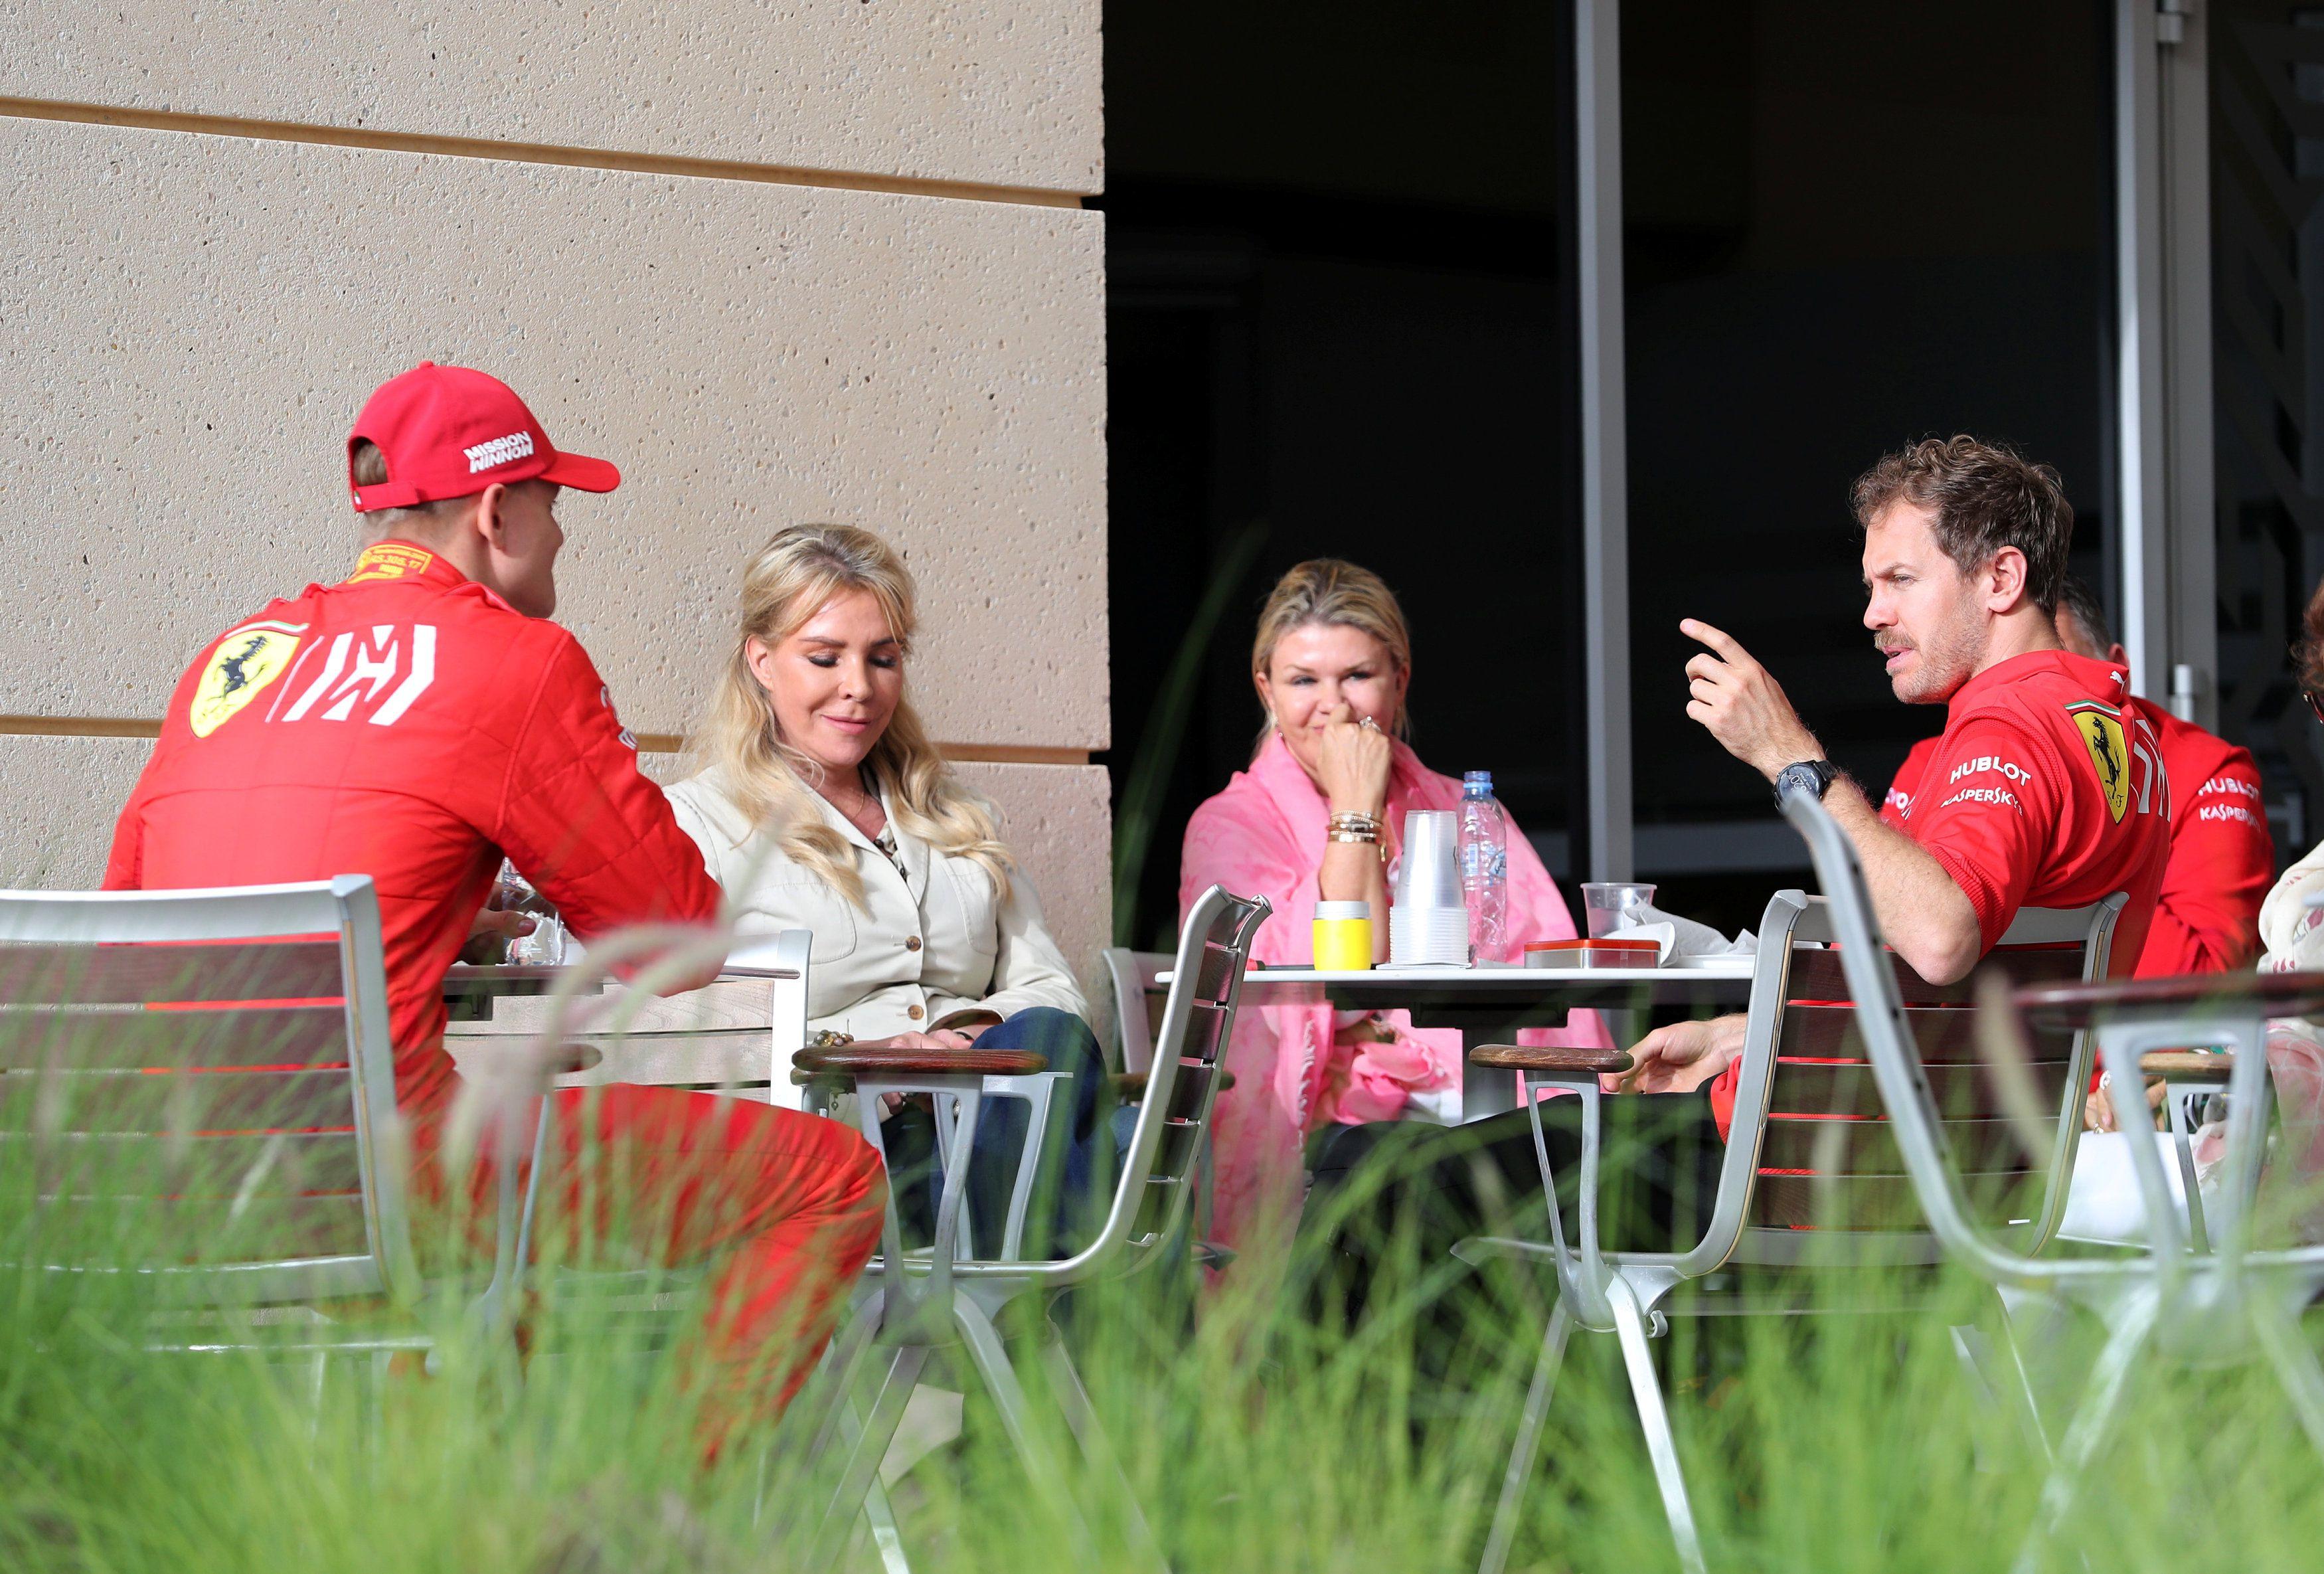 Sebastian Vettel en el 2019 hablando con Corinna y Mick Schumacher cuando ambos formaban parte de la esfera Ferrari: él como piloto principal y Mick en la Academia (Foto: Reuters)